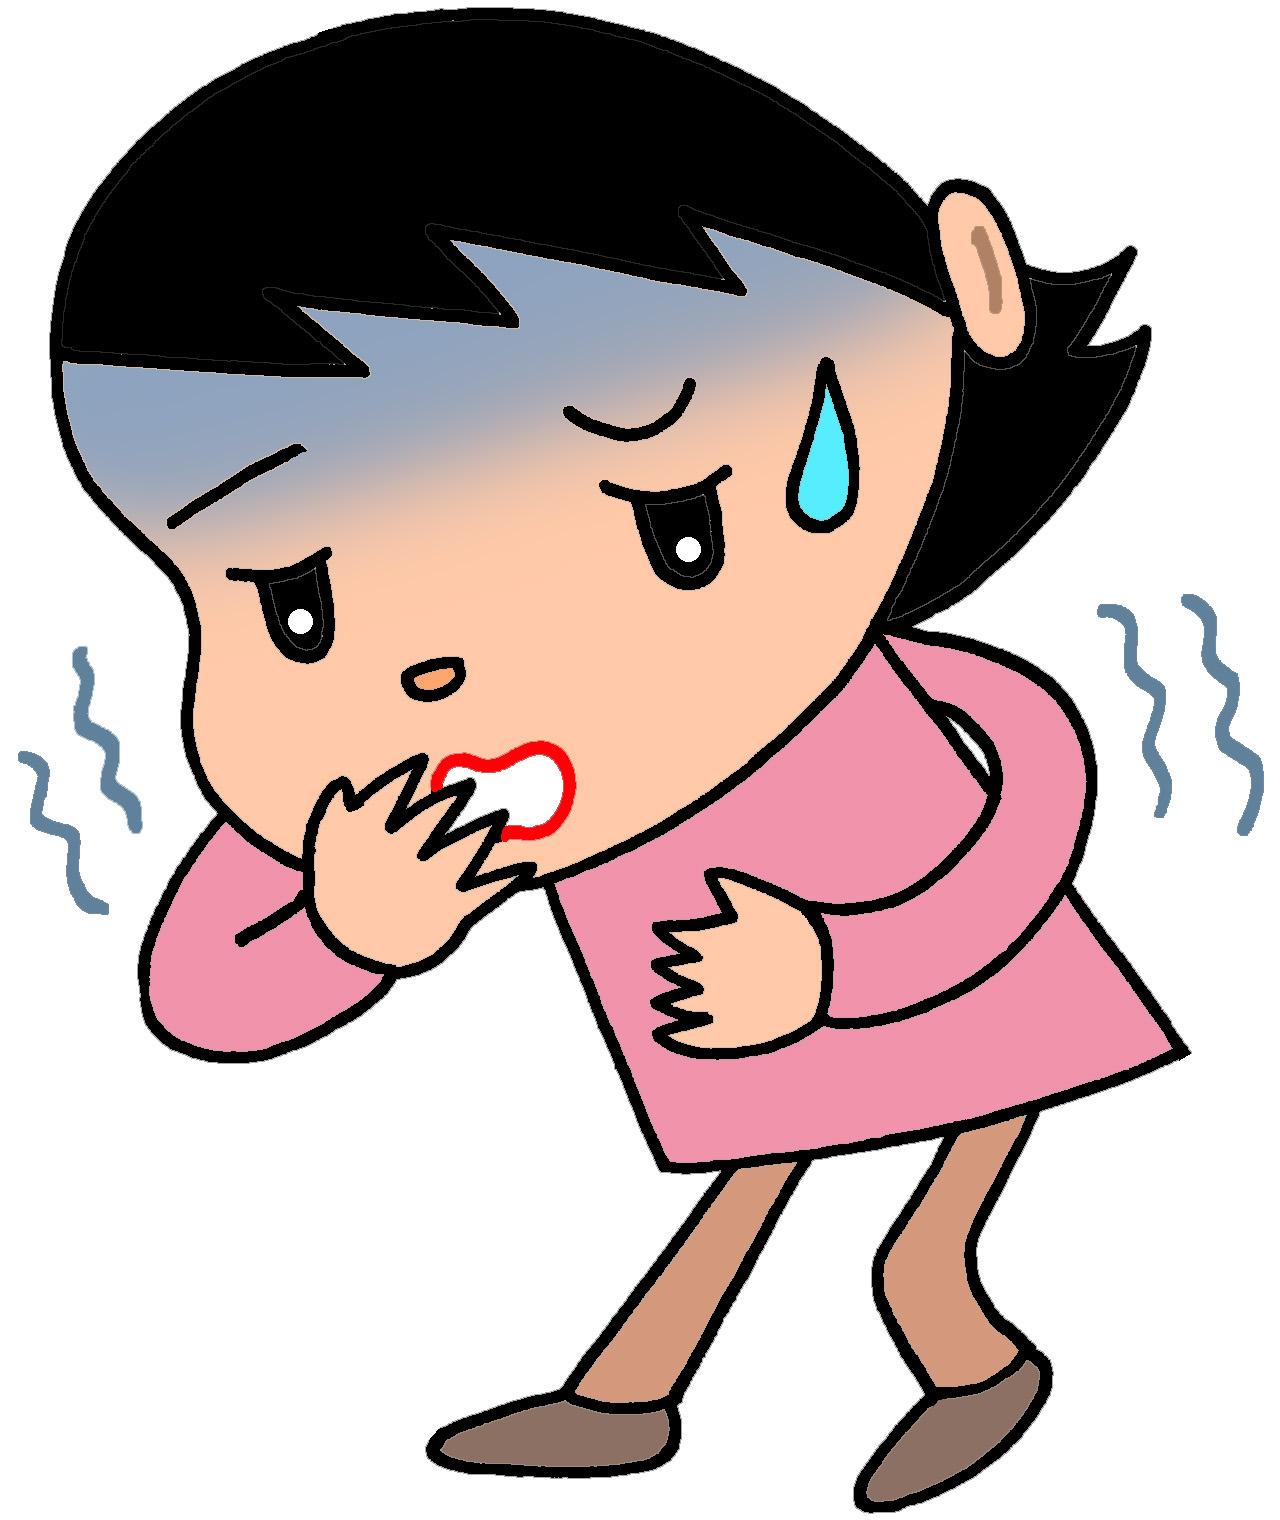 アデノウィルス?下痢・嘔吐・熱で考えられる病気 | 心身共に健康をモットーに - BODY & MENTAL.newsman